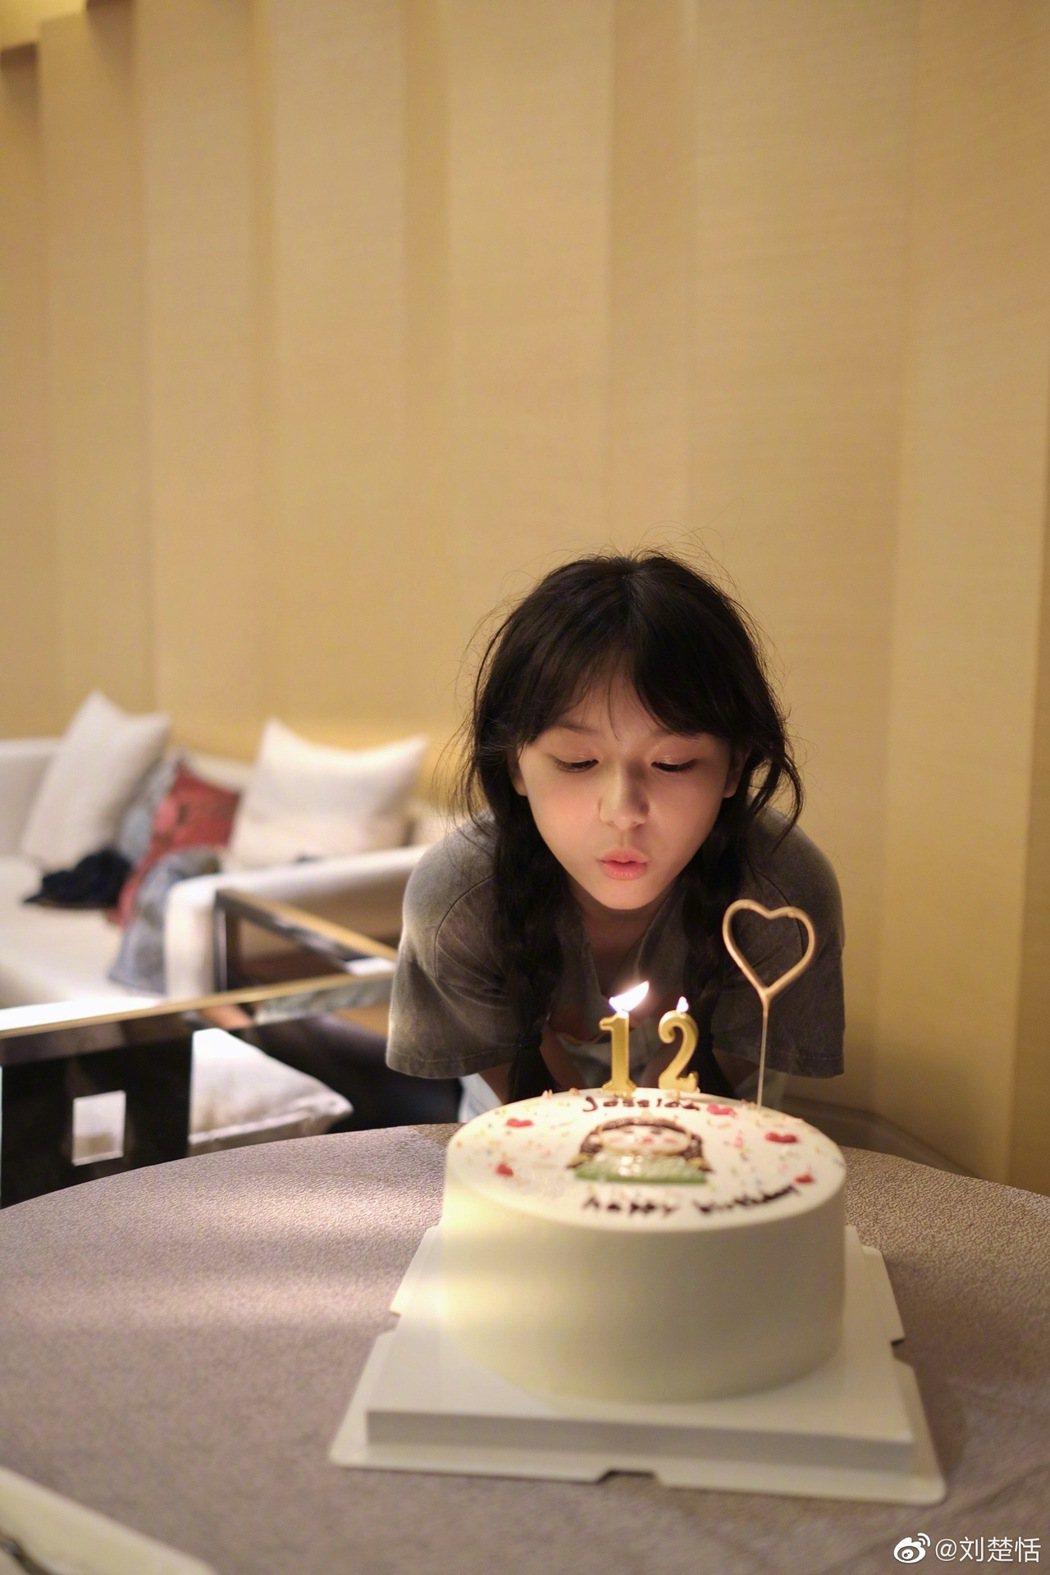 劉楚恬12歲生日。圖/結自微博